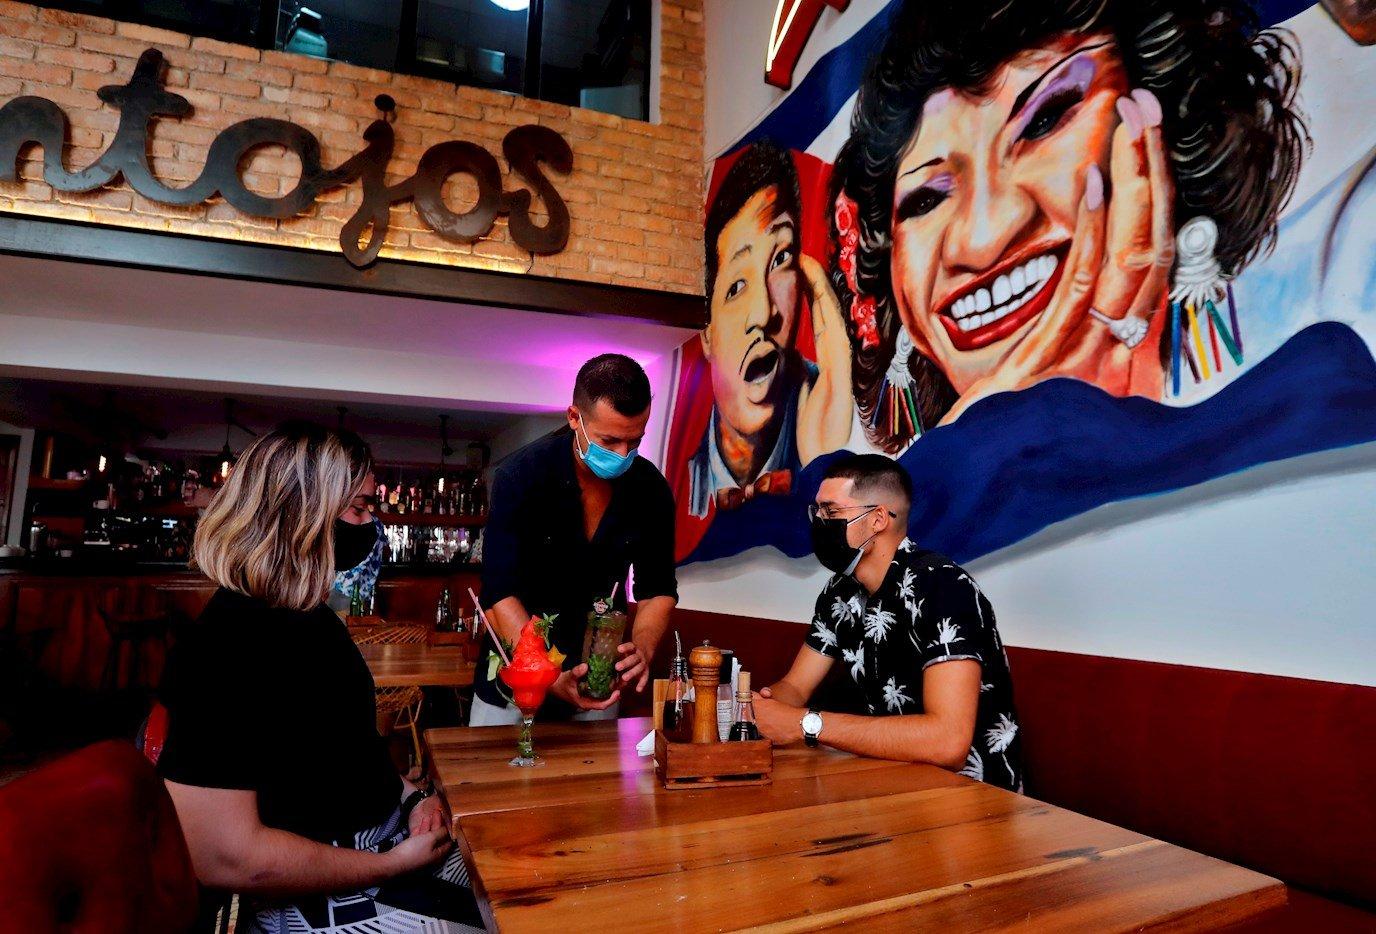 El restaurante Antojos, en La Habana, tras la reapertura de sus servicios en mesa como parte de la nueva desescalada en Cuba. Foto: Ernesto Mastrascusa / EFE.